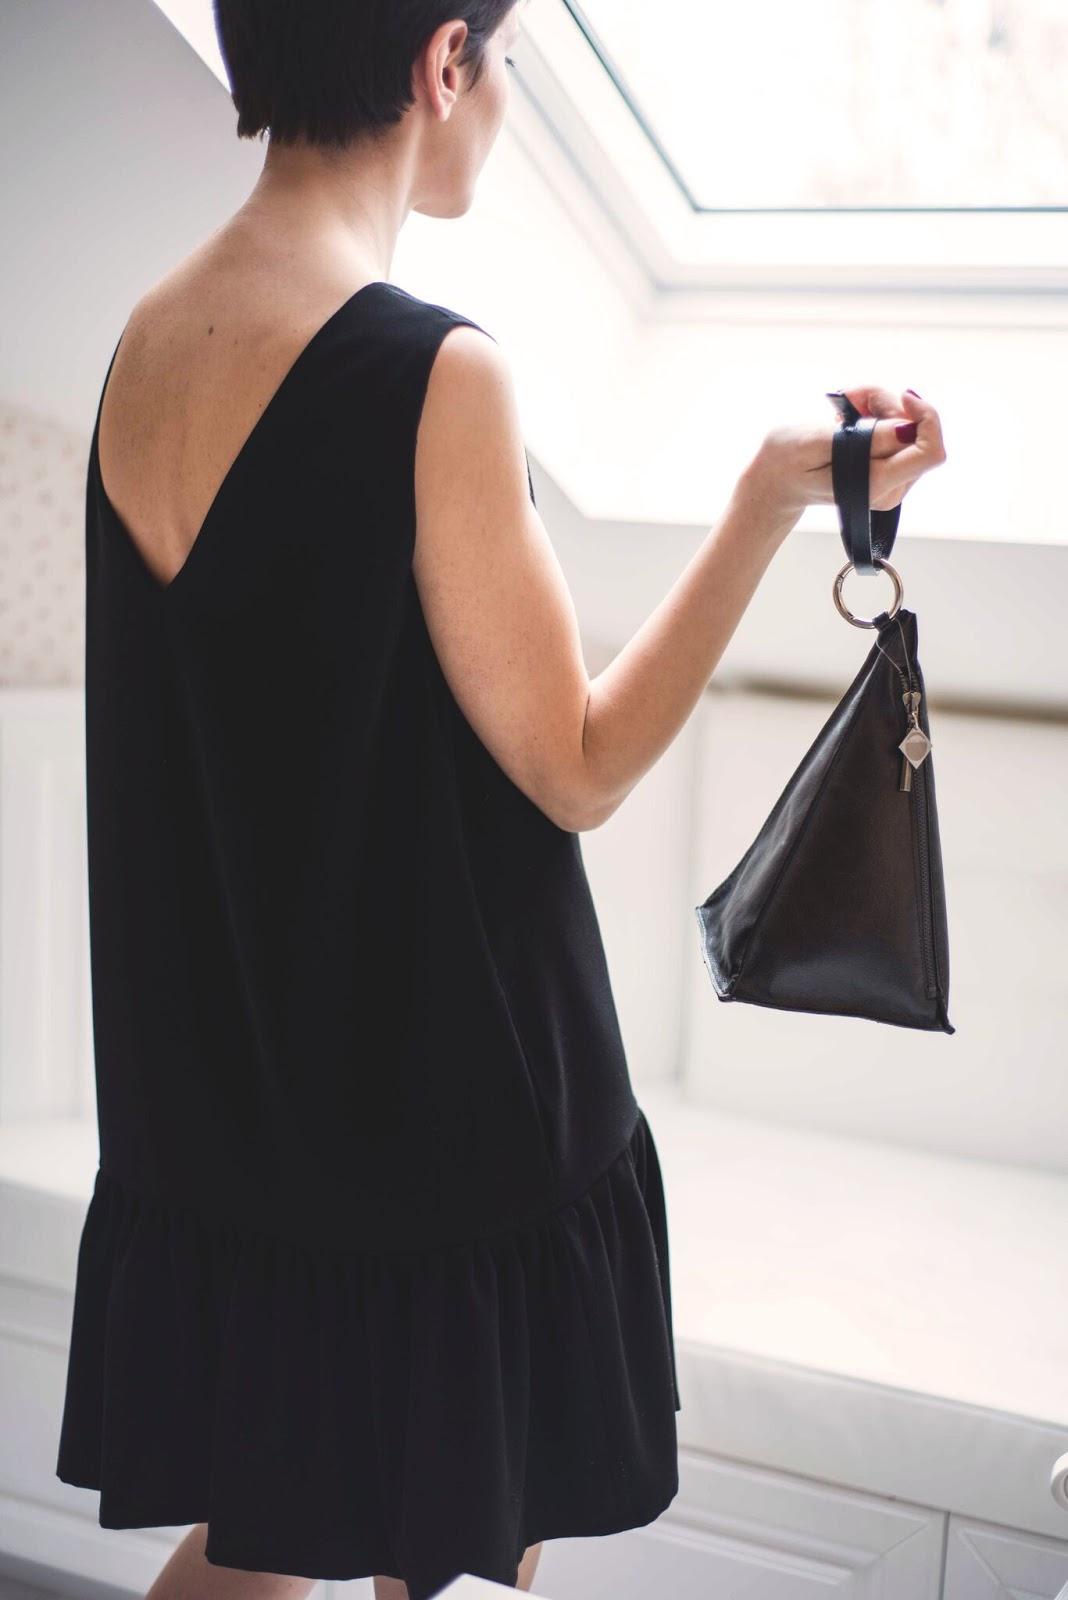 mała czarna, sukienka, szafa kapsułowa, capsule, wardrope, stylizacje, stylistka, blog po 30-tce, stylistka radzi, nibabalnie, klasyczna sukienka, sukienka z falbnką, red lips, short hair,